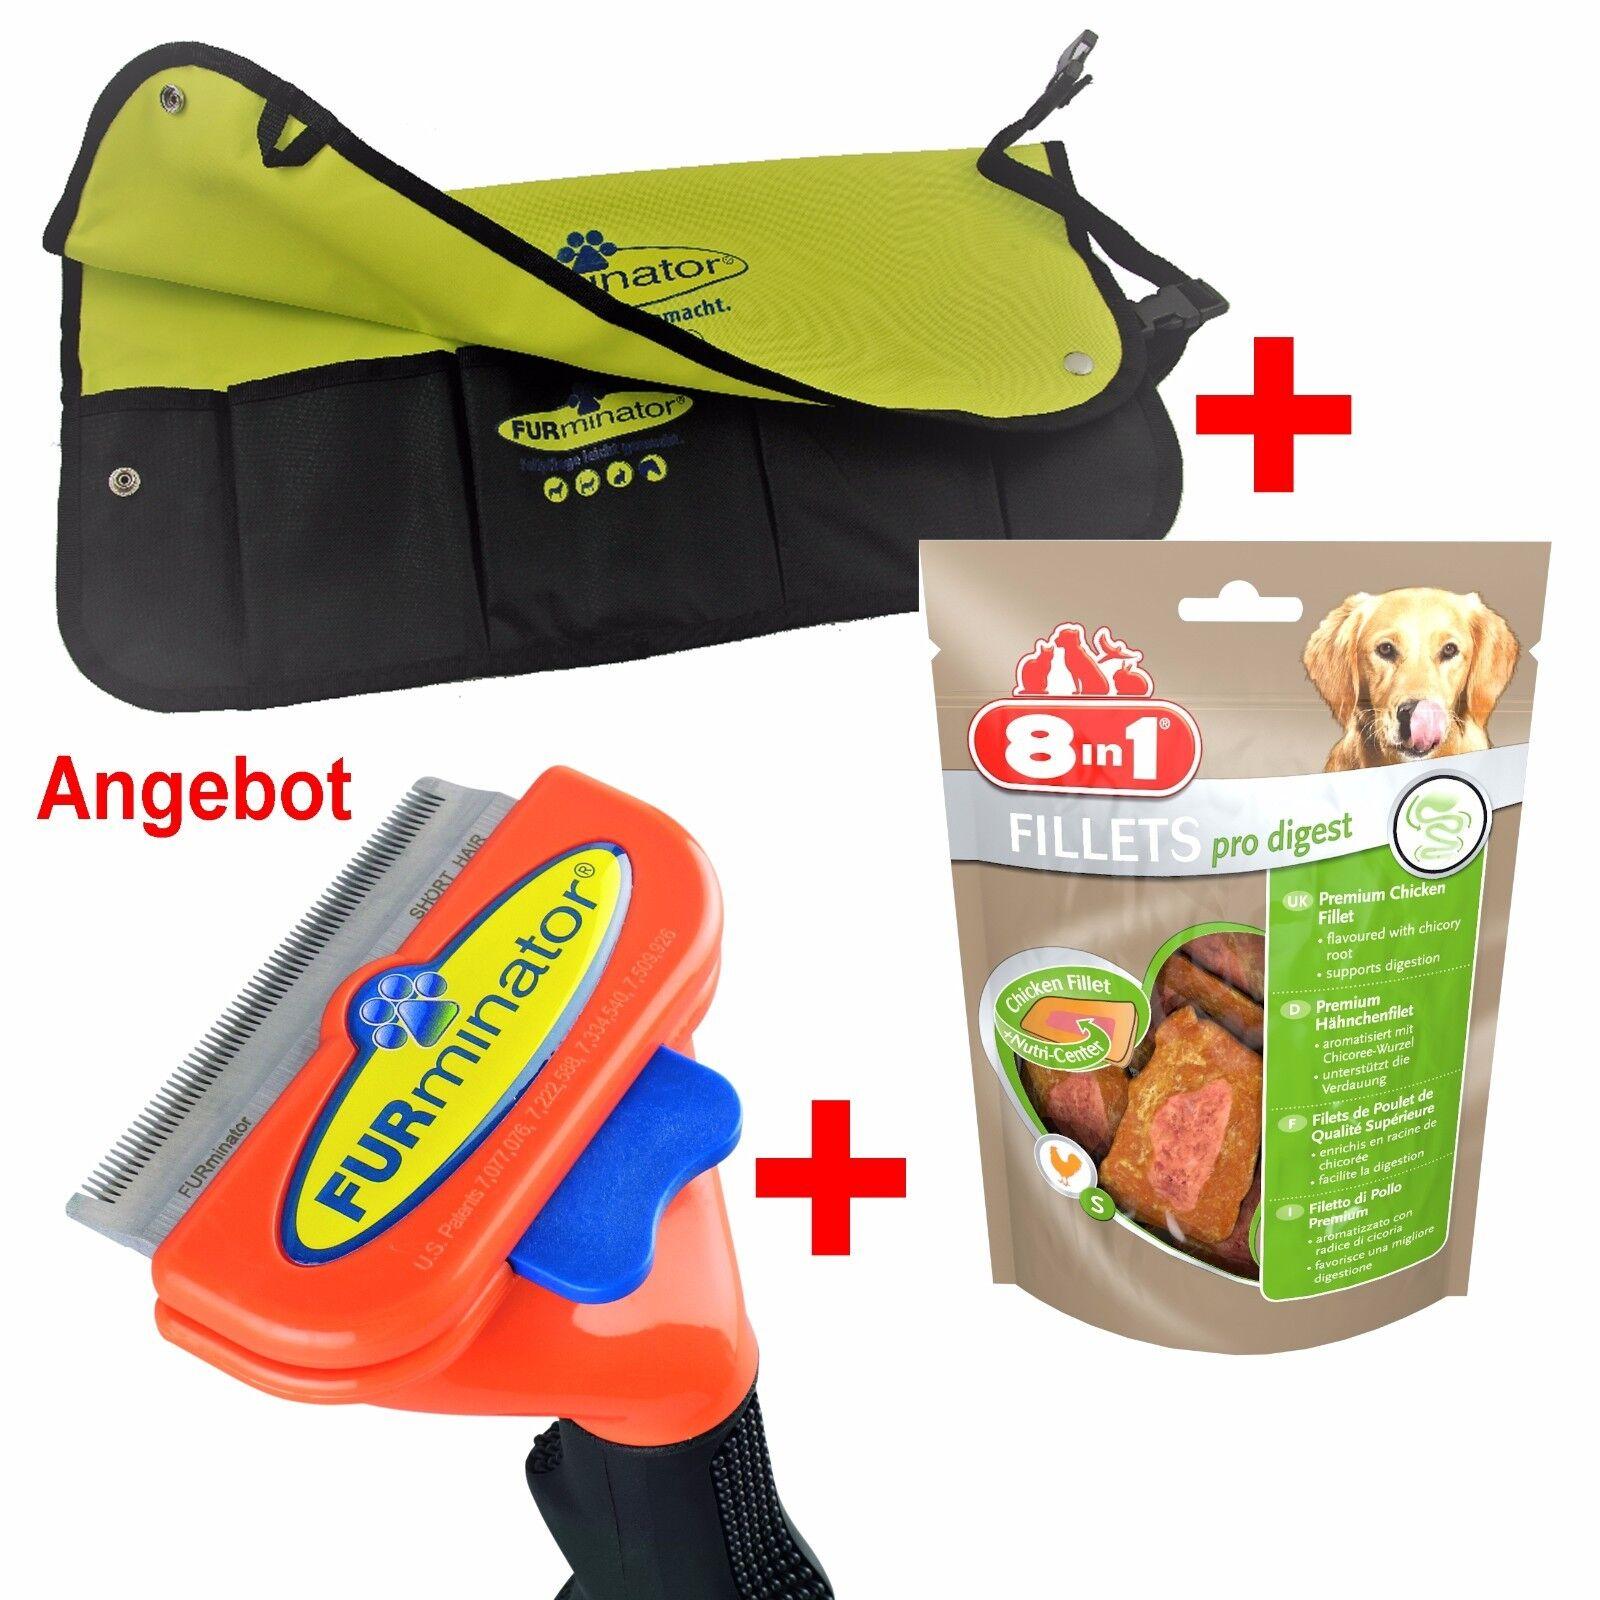 FURMINATOR M Pflegewerkzeug Hund kurzhaar 9-23kg+Gratistasche+Snack 24 Std.Vers.